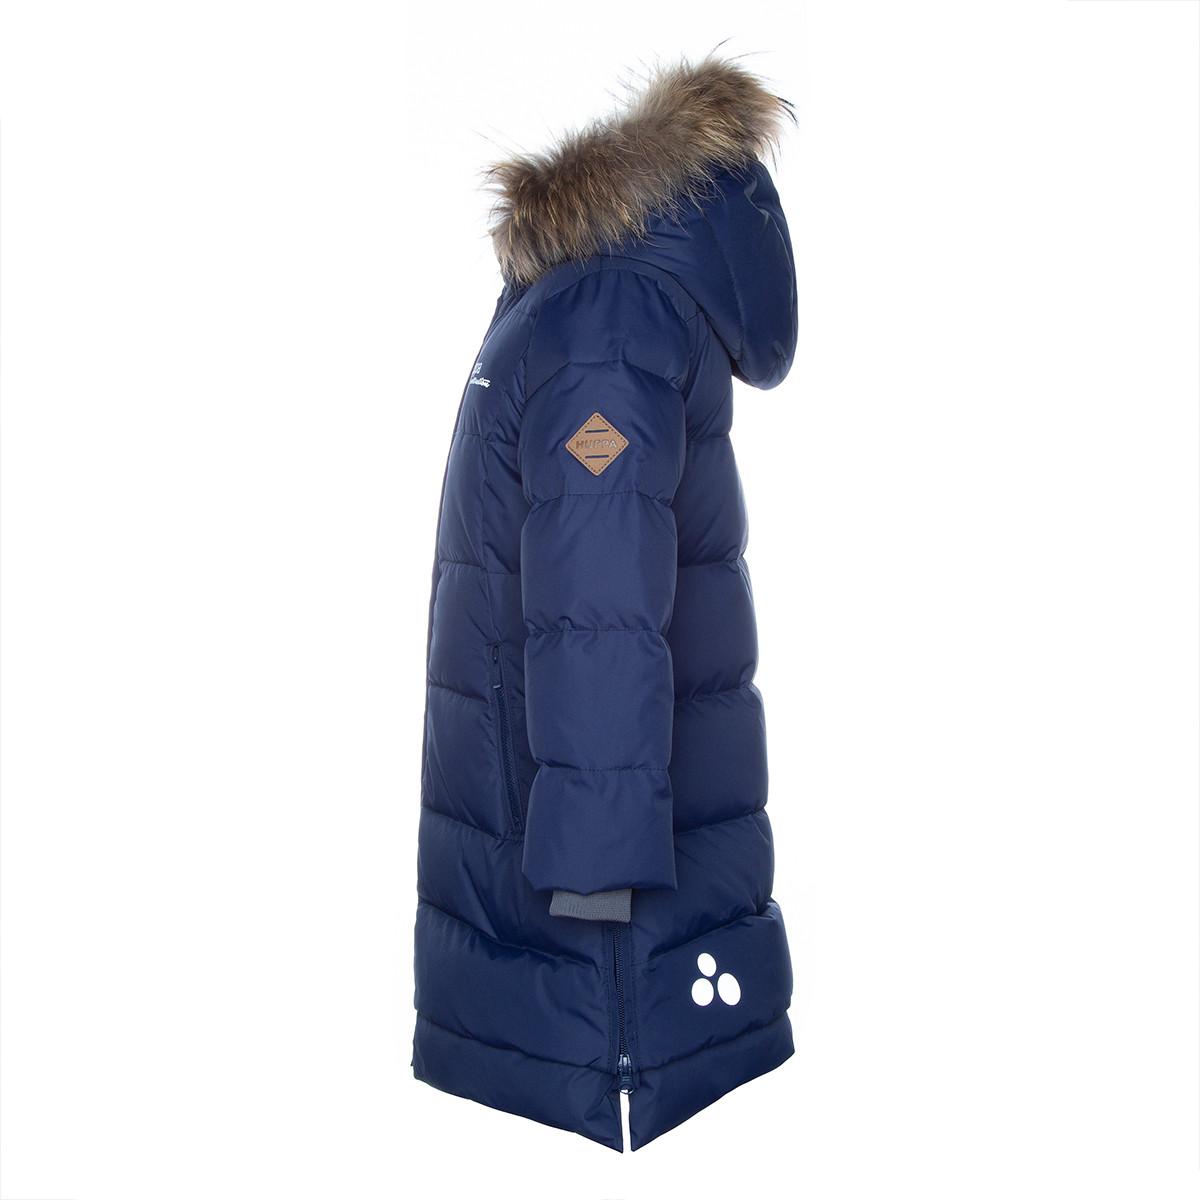 Пальто для девочек Huppa PARISH, тёмно-синий - фото 4